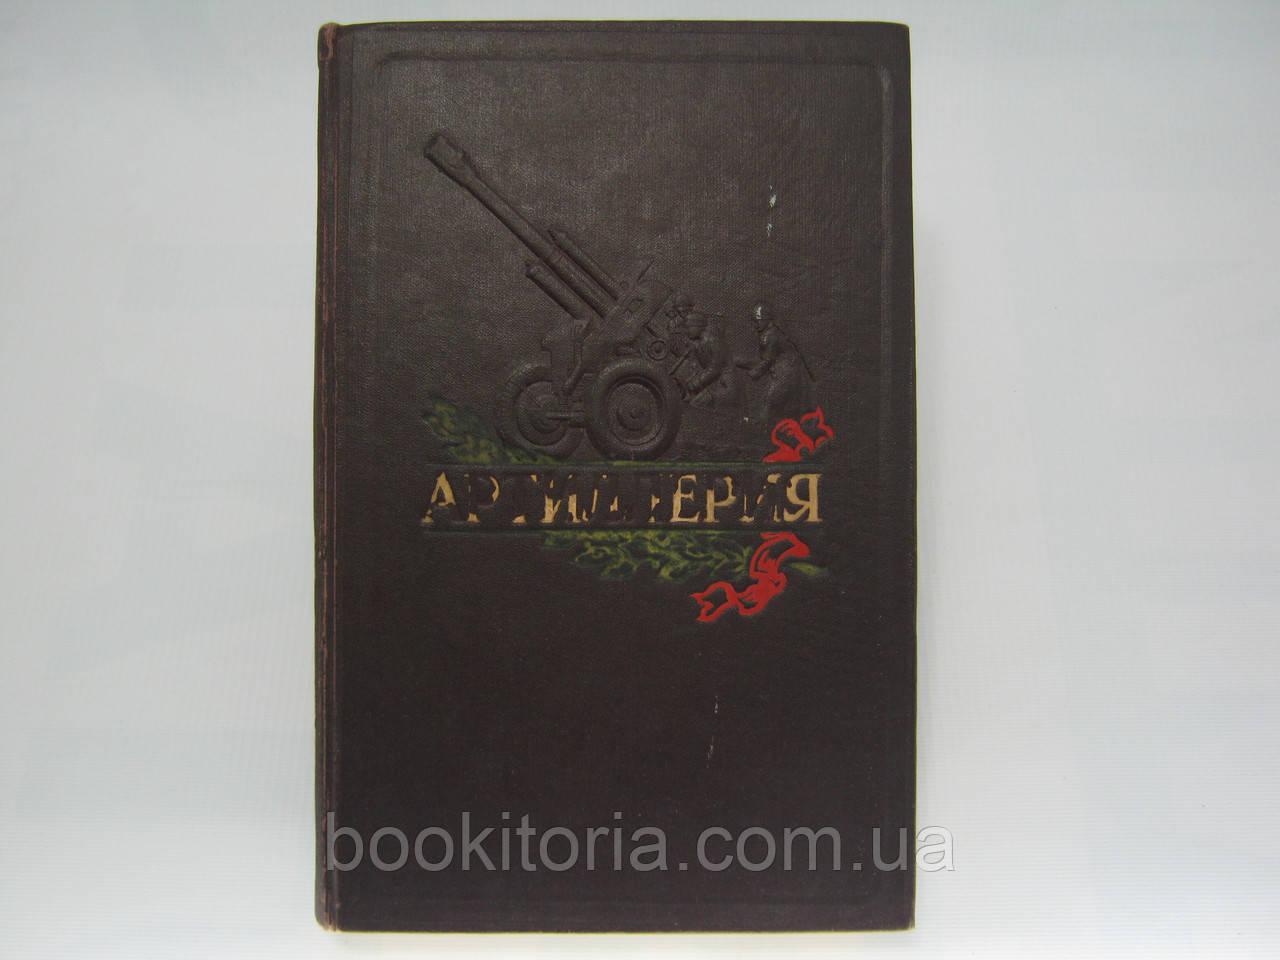 Артиллерия (ред. Чистяков М., б/у).